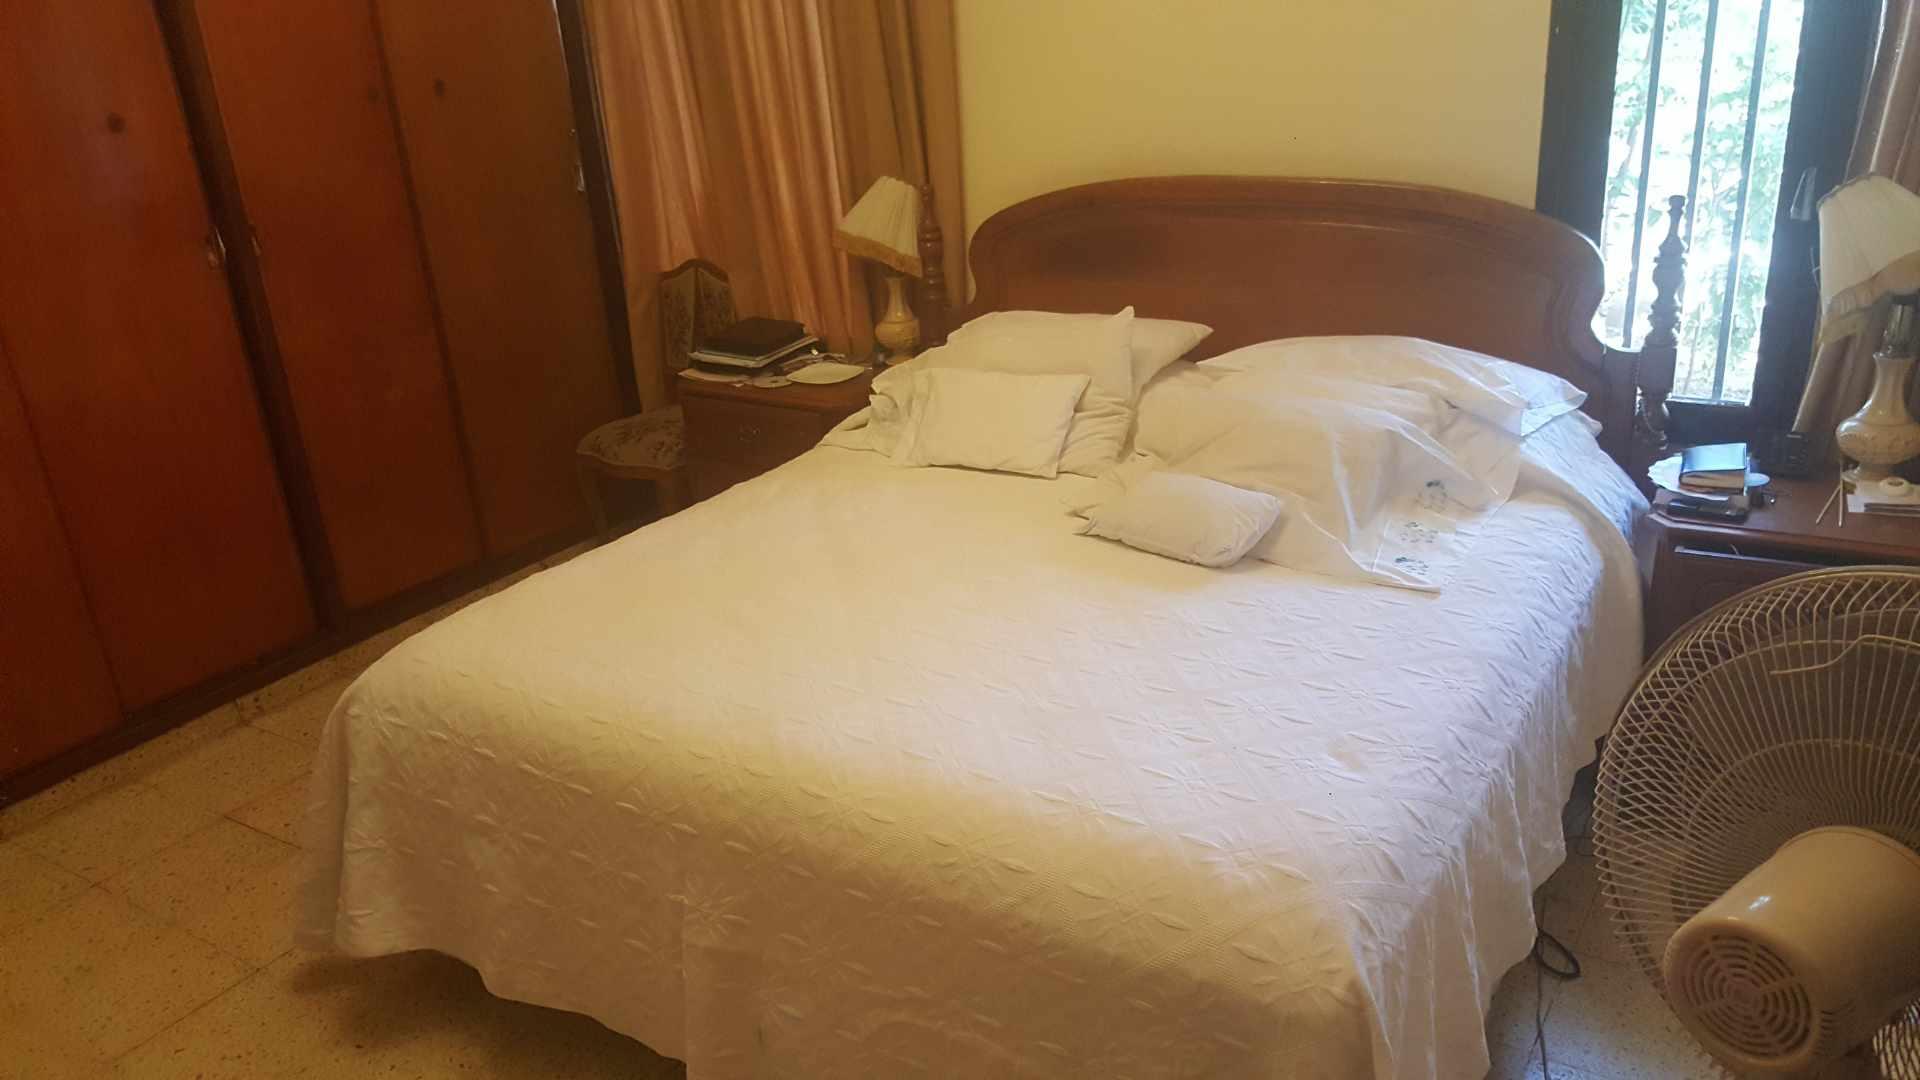 Casa en Venta BARRIO POLANCO, RADIAL 10/CALLE JUAN BLANCO. ENTRE 3er y 4to ANILLO Foto 3